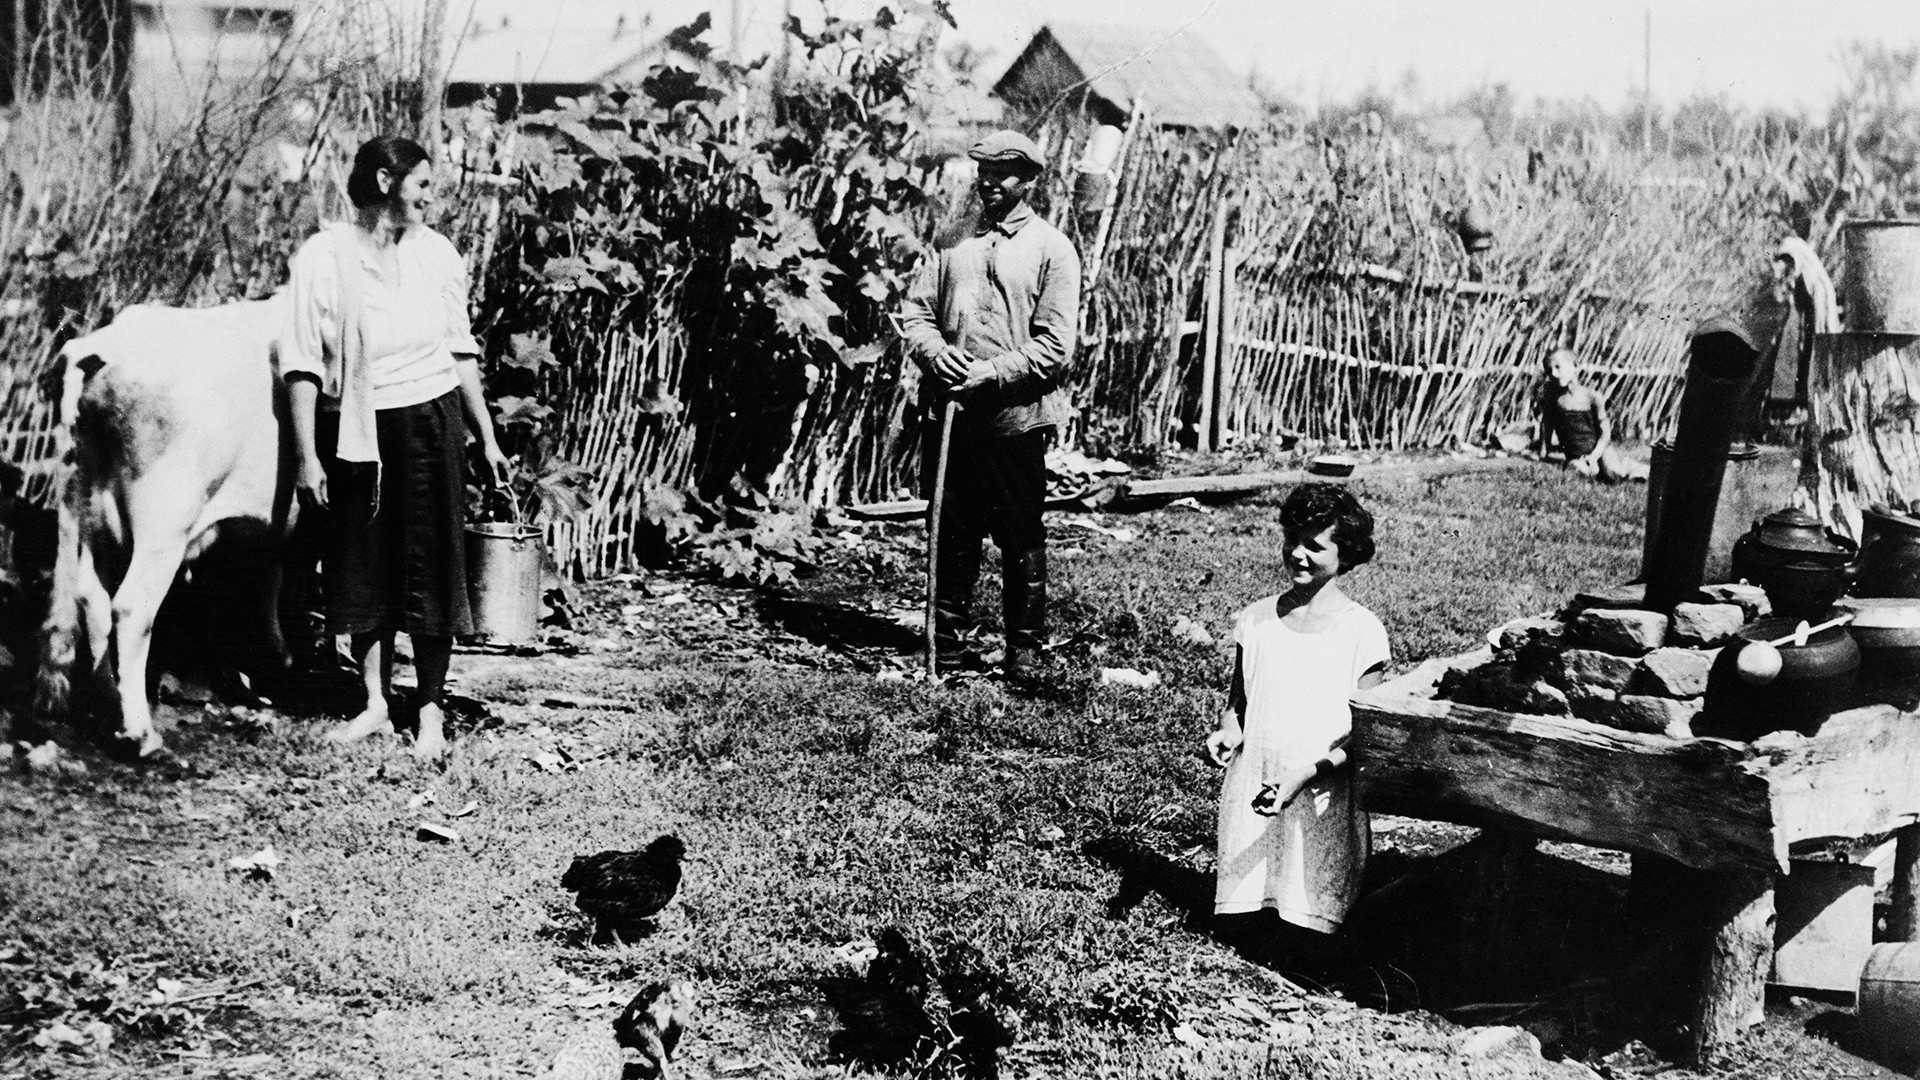 Keluarga Yahudi Gefen di pekarangan rumah mereka di Birobidzhan, Oblast Otonom Yahudi. Pengungsi Yahudi mulai datang ke sini pada 1928.